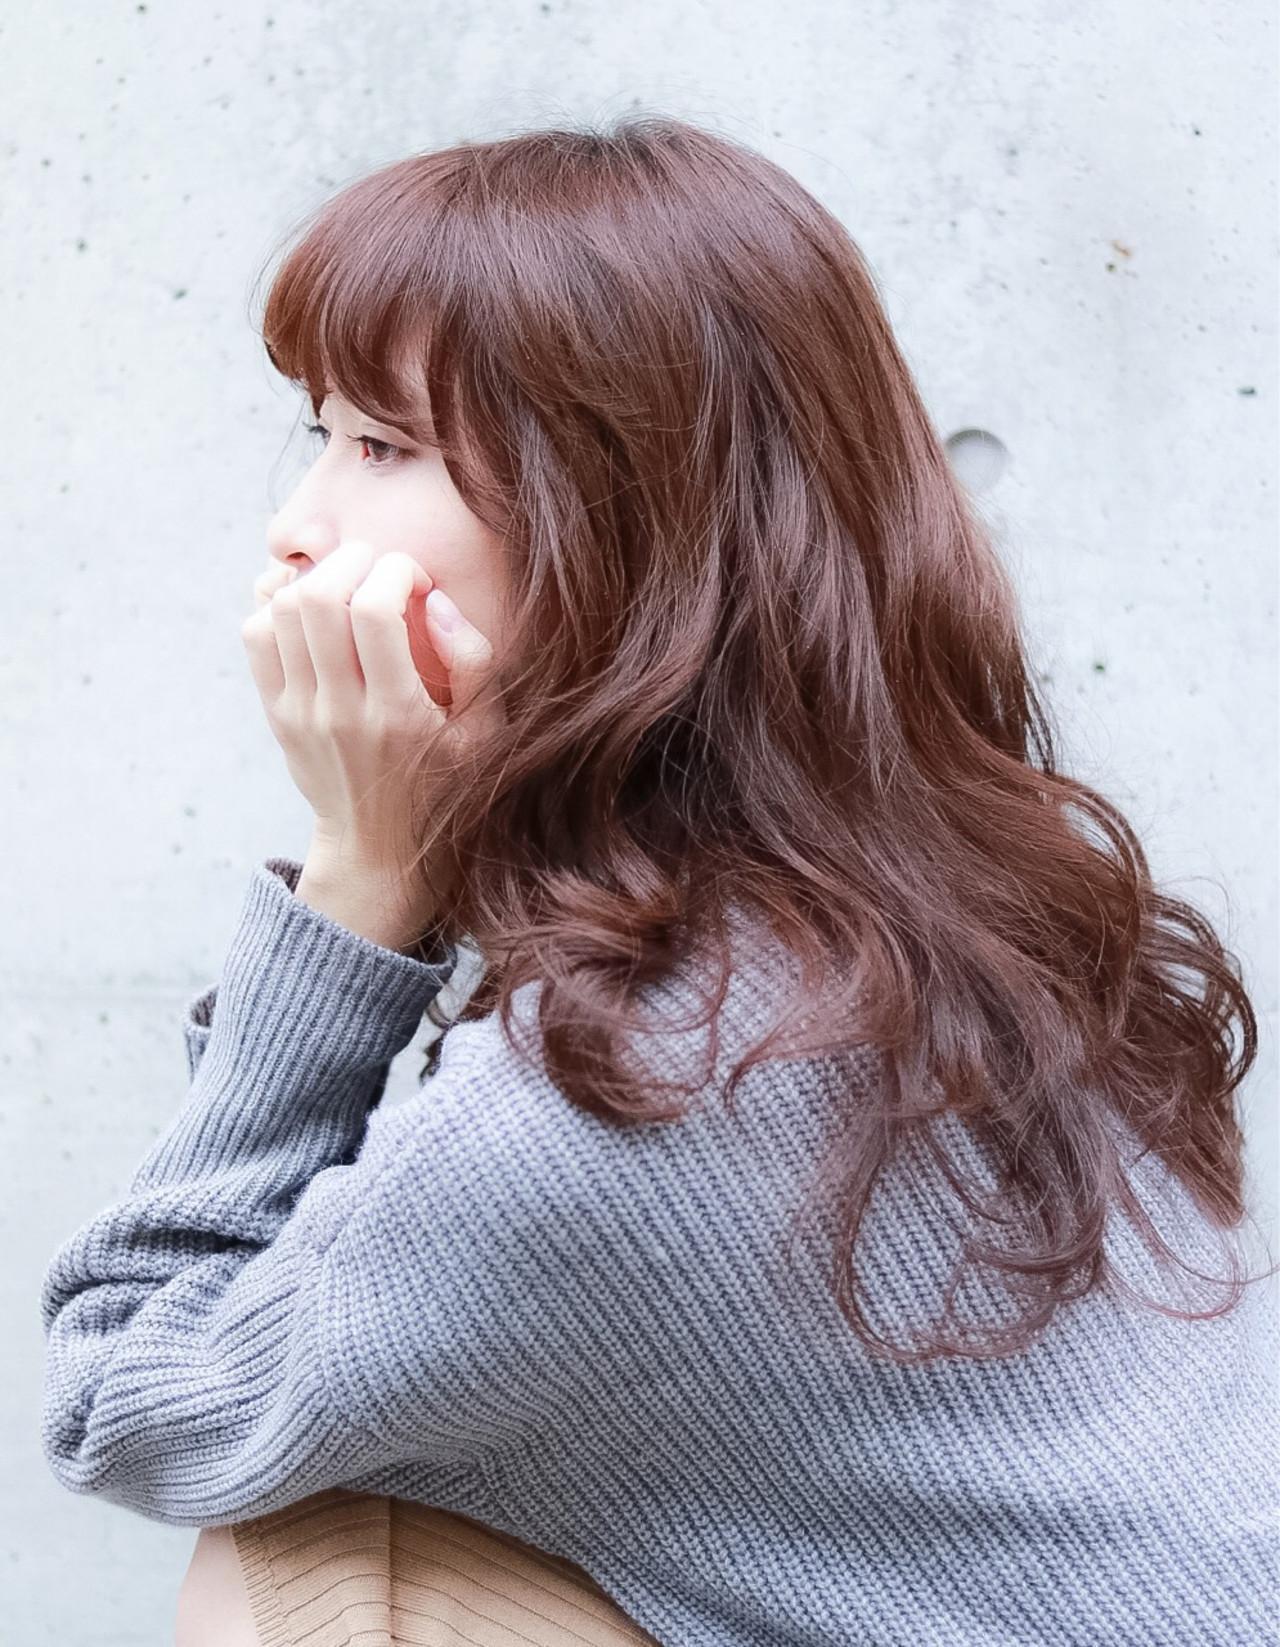 気になるカレを絶対オトす!恋するワタシはチョコ色ヘアで勝負♡ 田村 恵介 / PLACE IN THE SUN